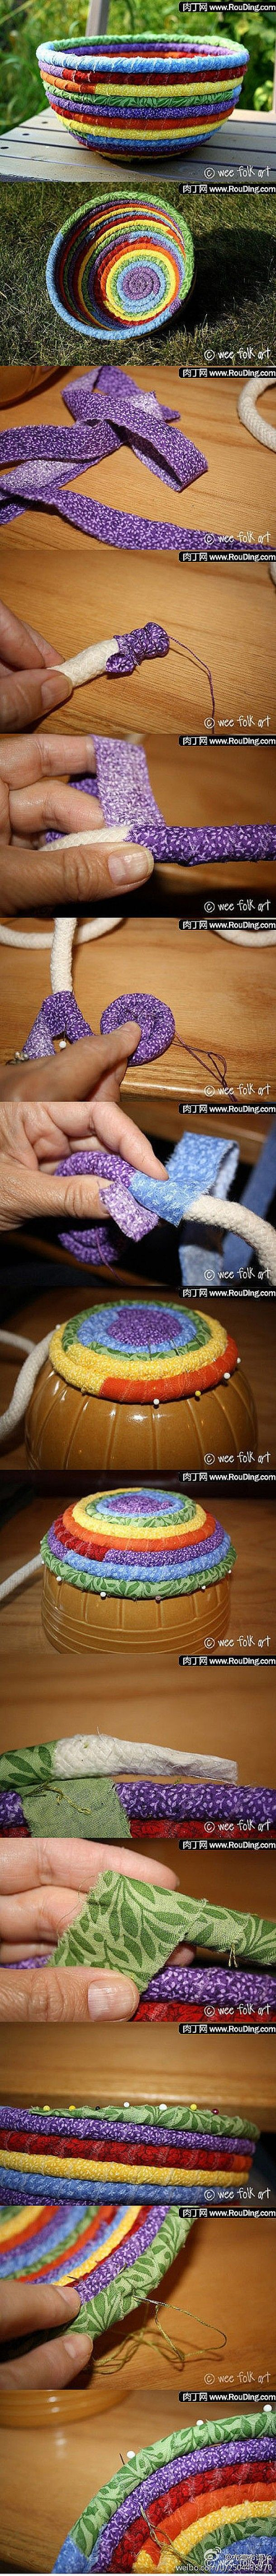 touw omwikkelen met stof Door Pleuntjesblog